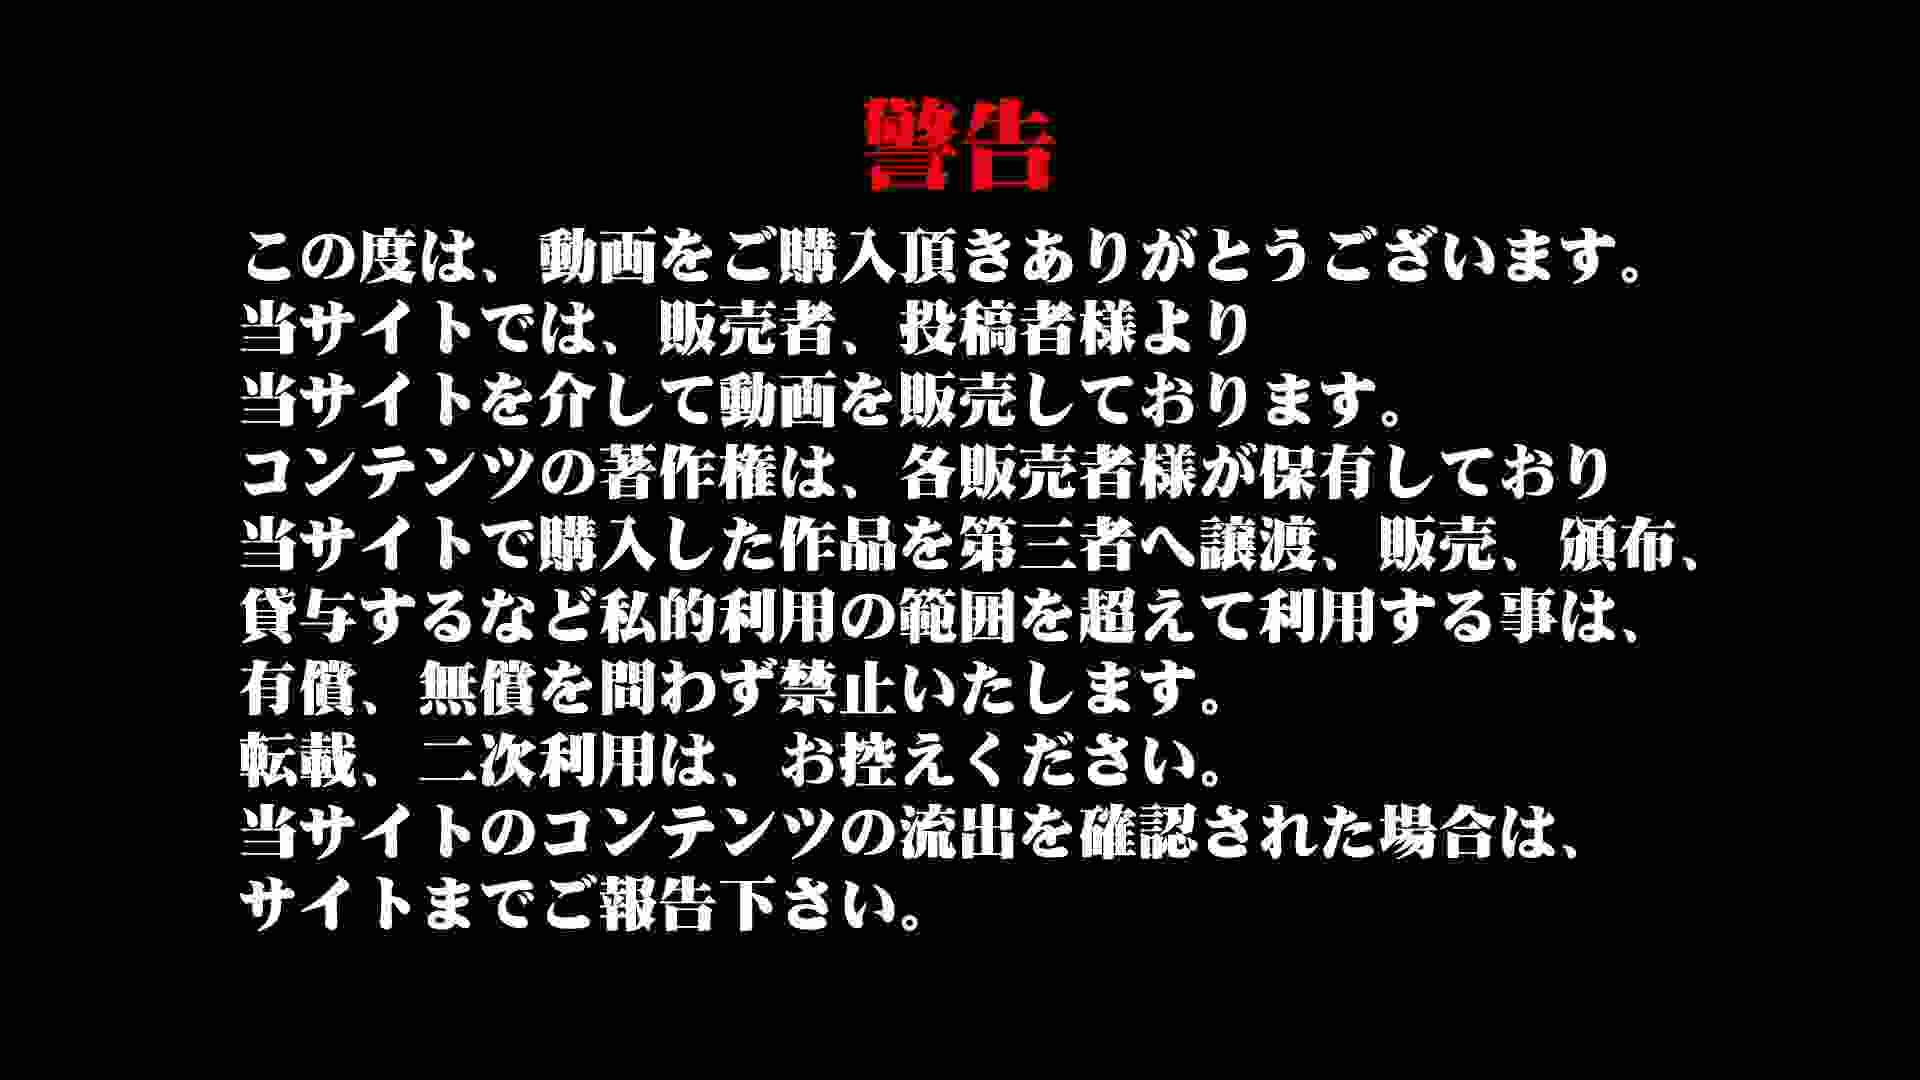 Aquaな露天風呂Vol.921 露天風呂 | 盗撮動画  11枚 1